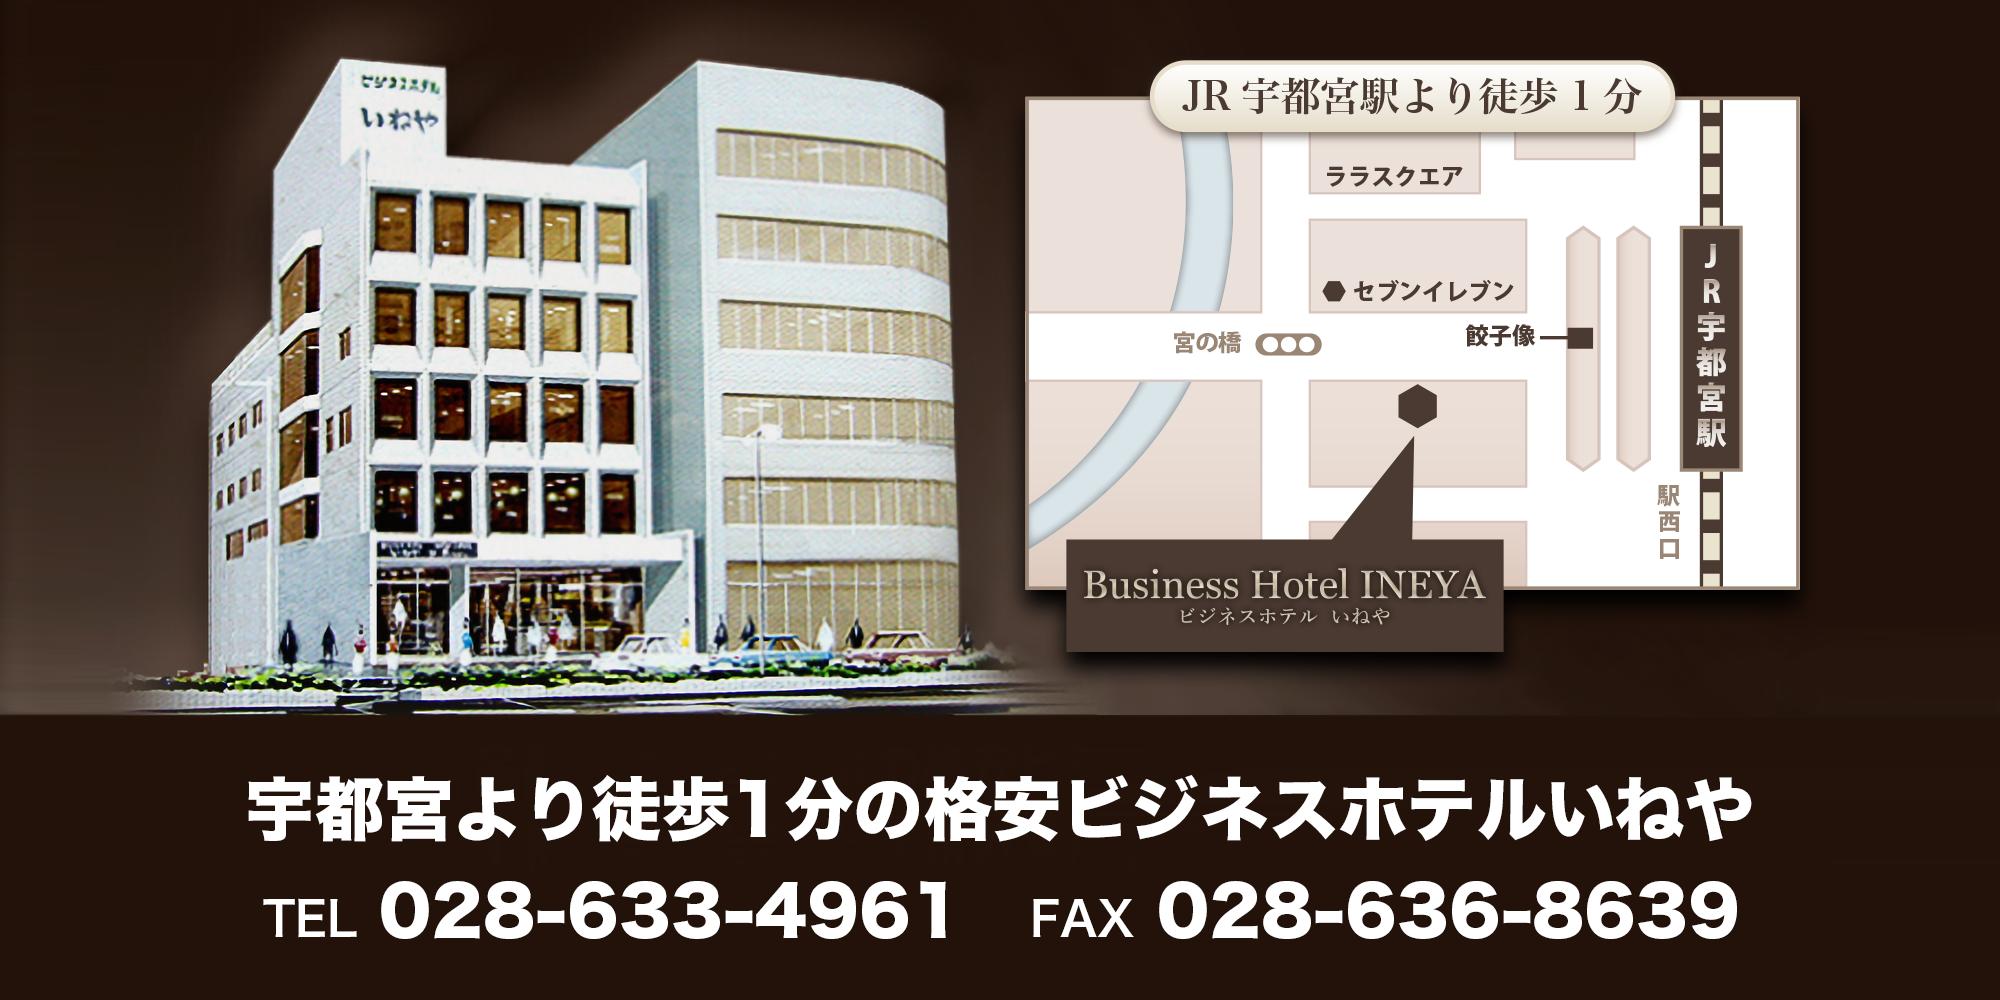 宇都宮駅より徒歩1分の格安ホテル